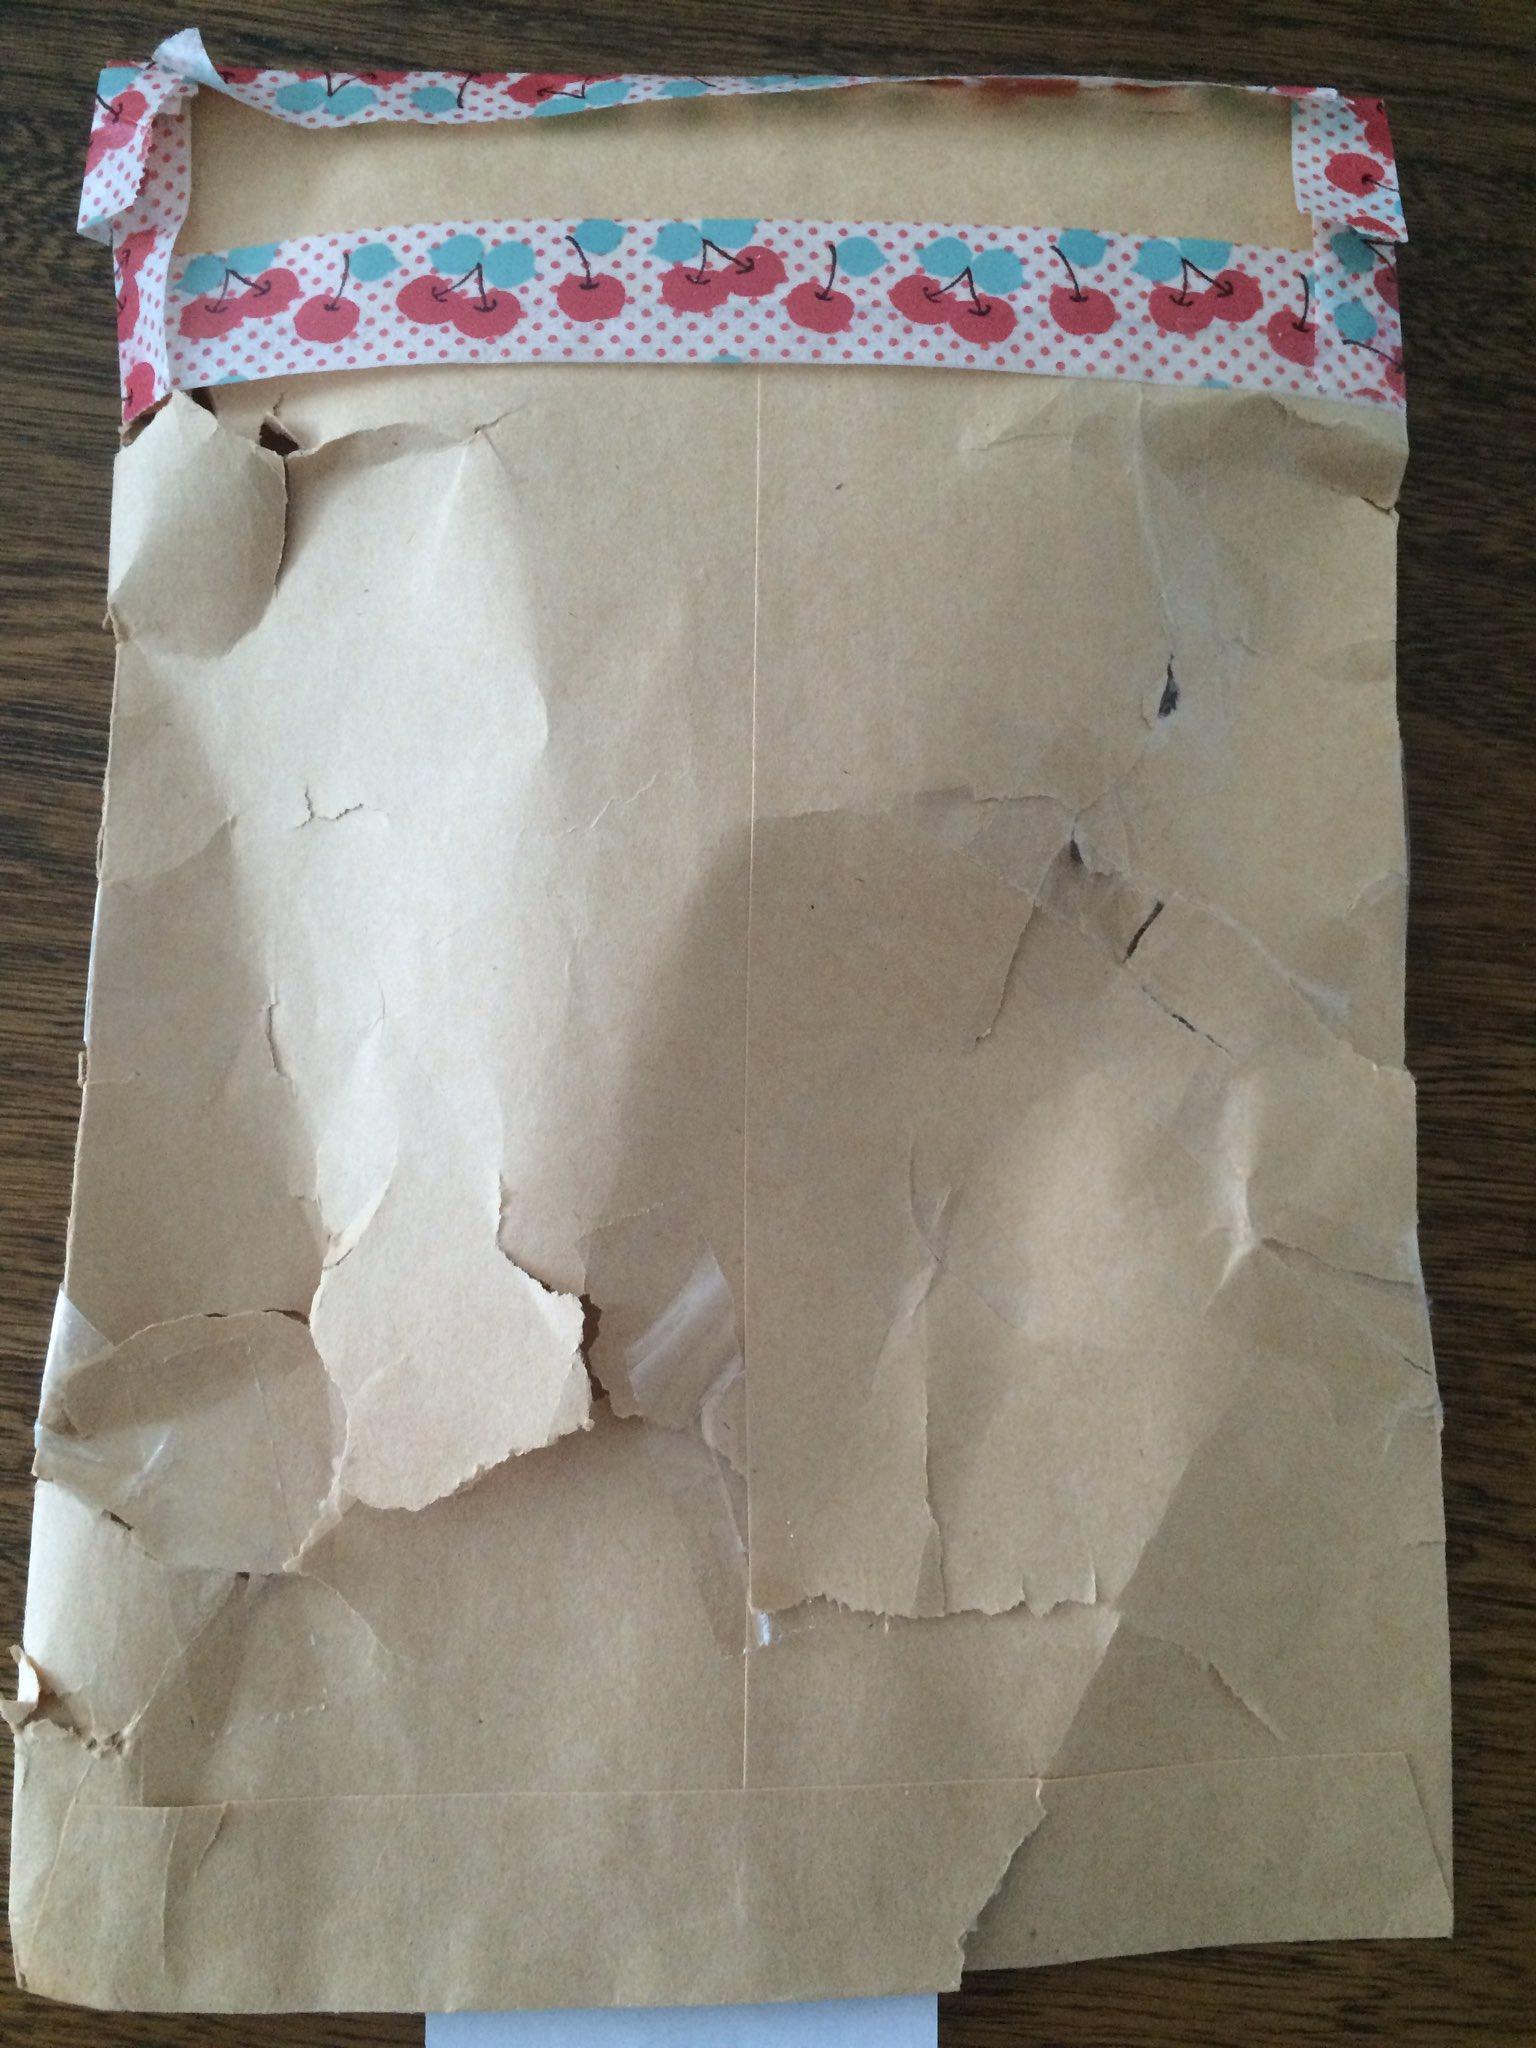 破れすぎw郵便で送られてきた封筒がビリビリで笑うwww